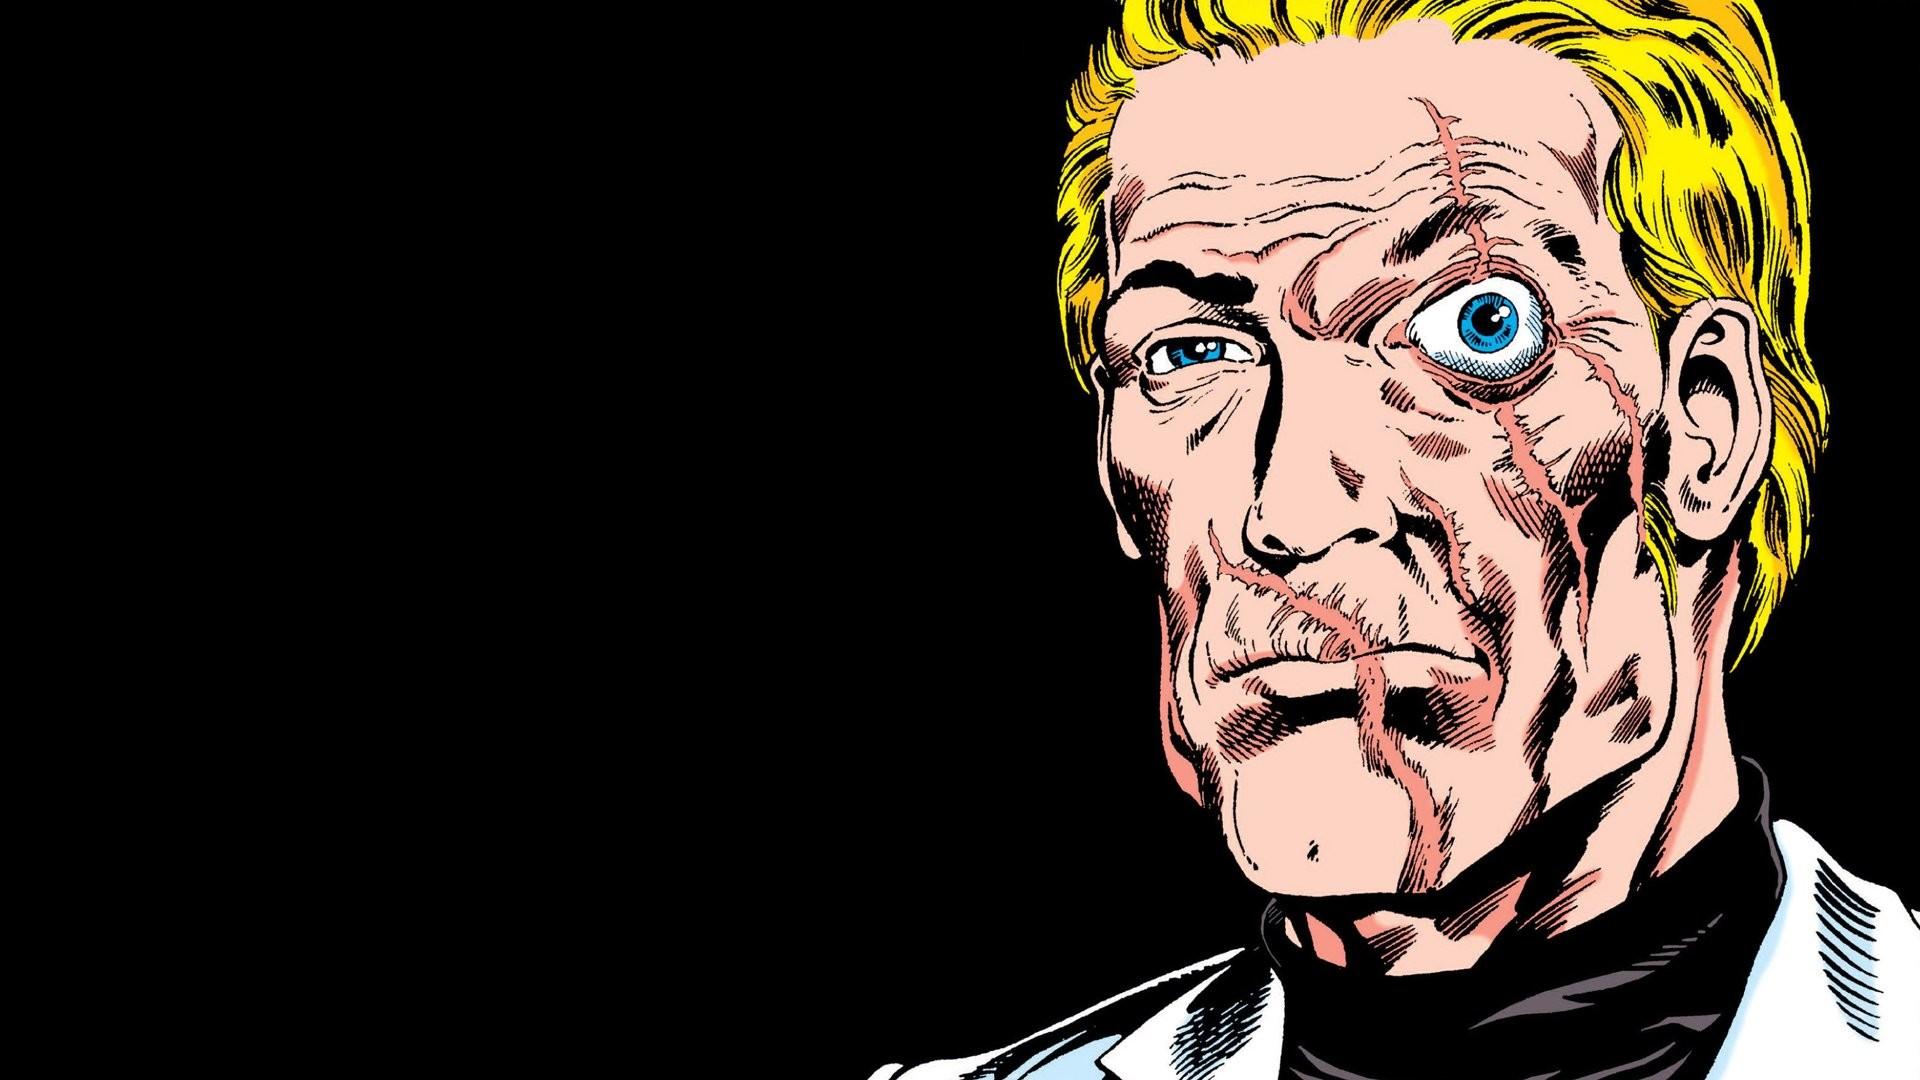 Comics – G.I. Joe Snake Eyes (G.I. Joe) Wallpaper